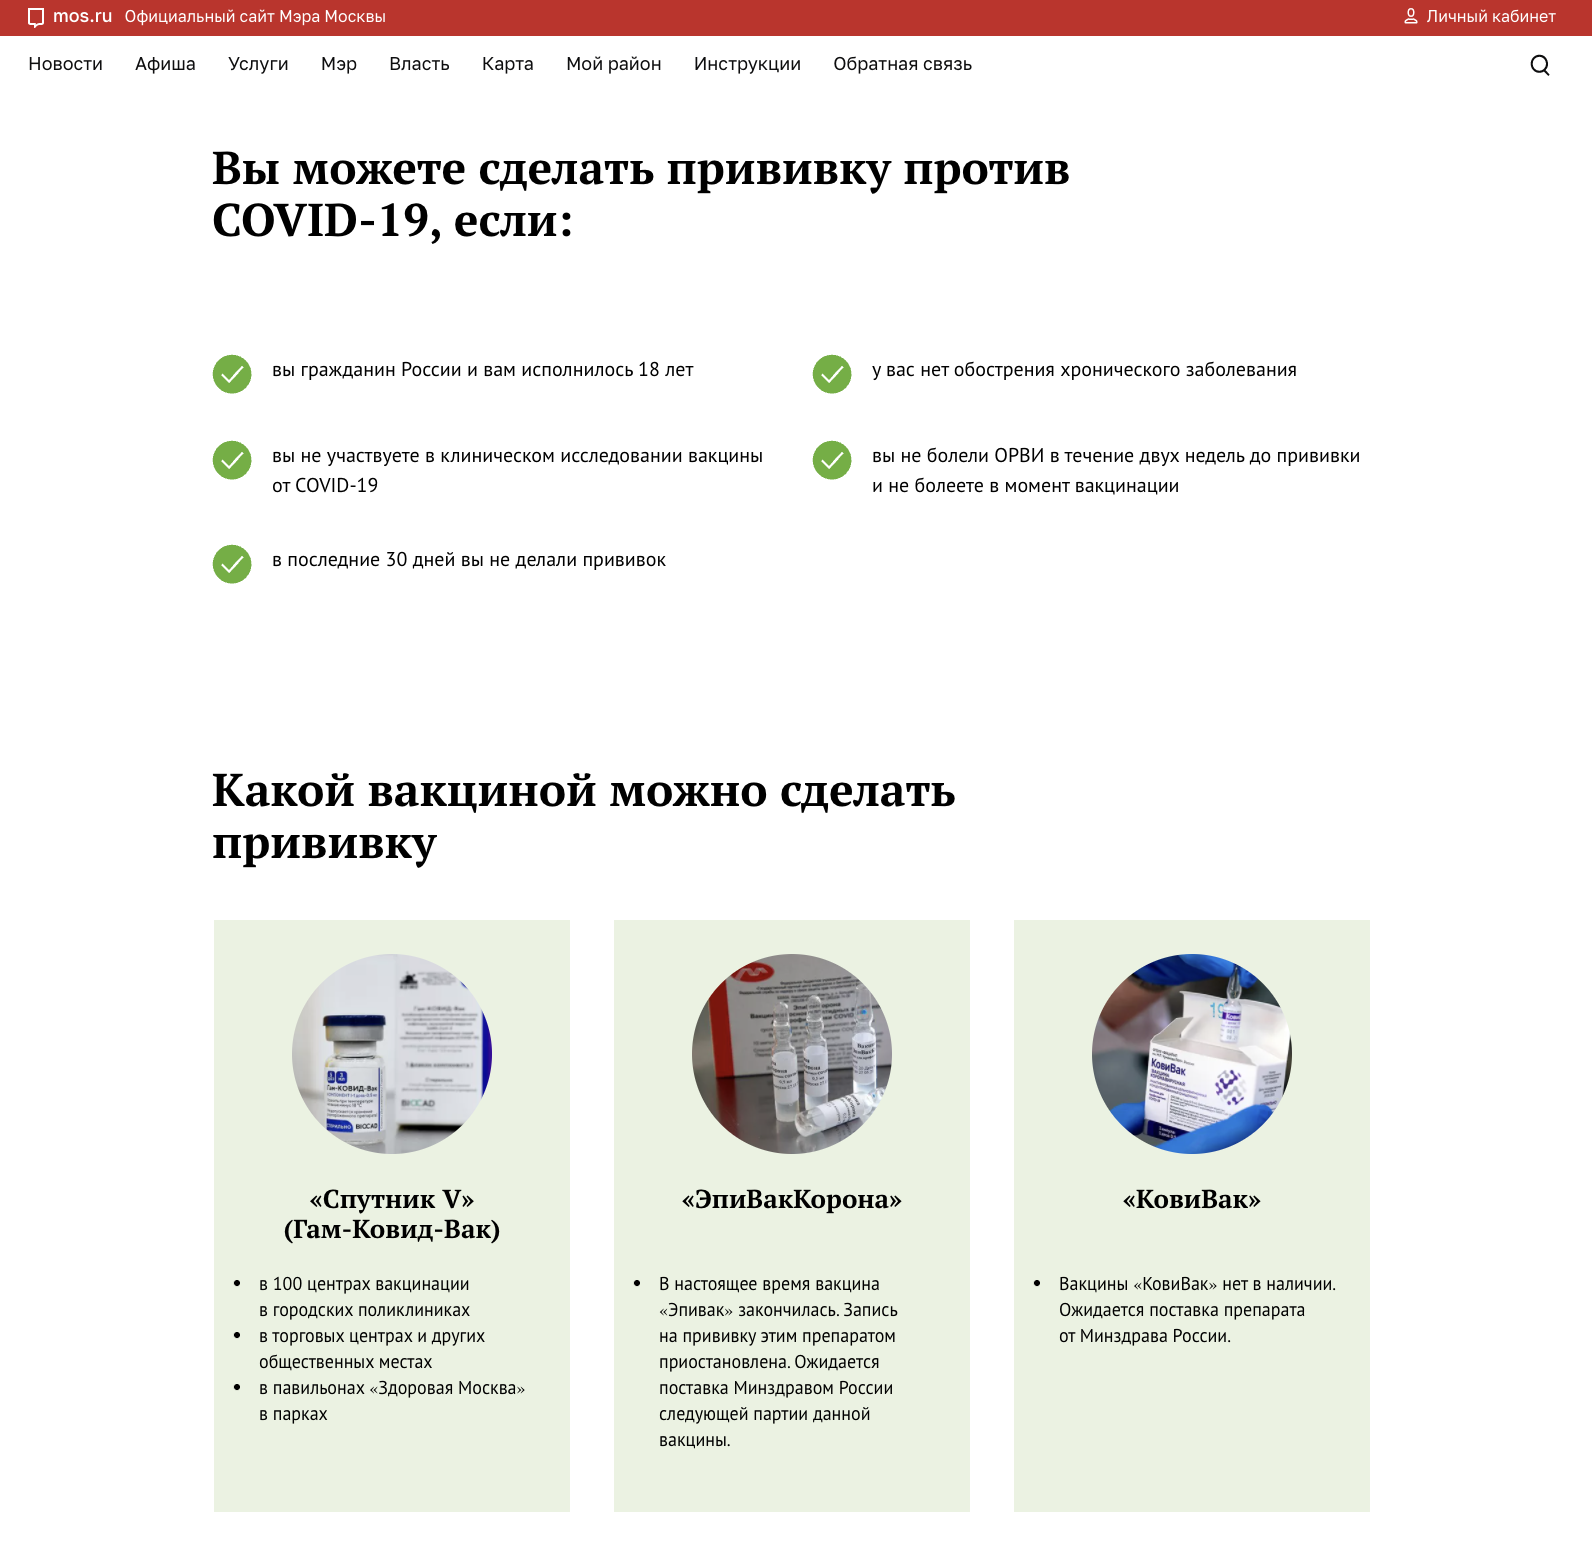 как вакцинироваться бесплатно в москве от коронавируса